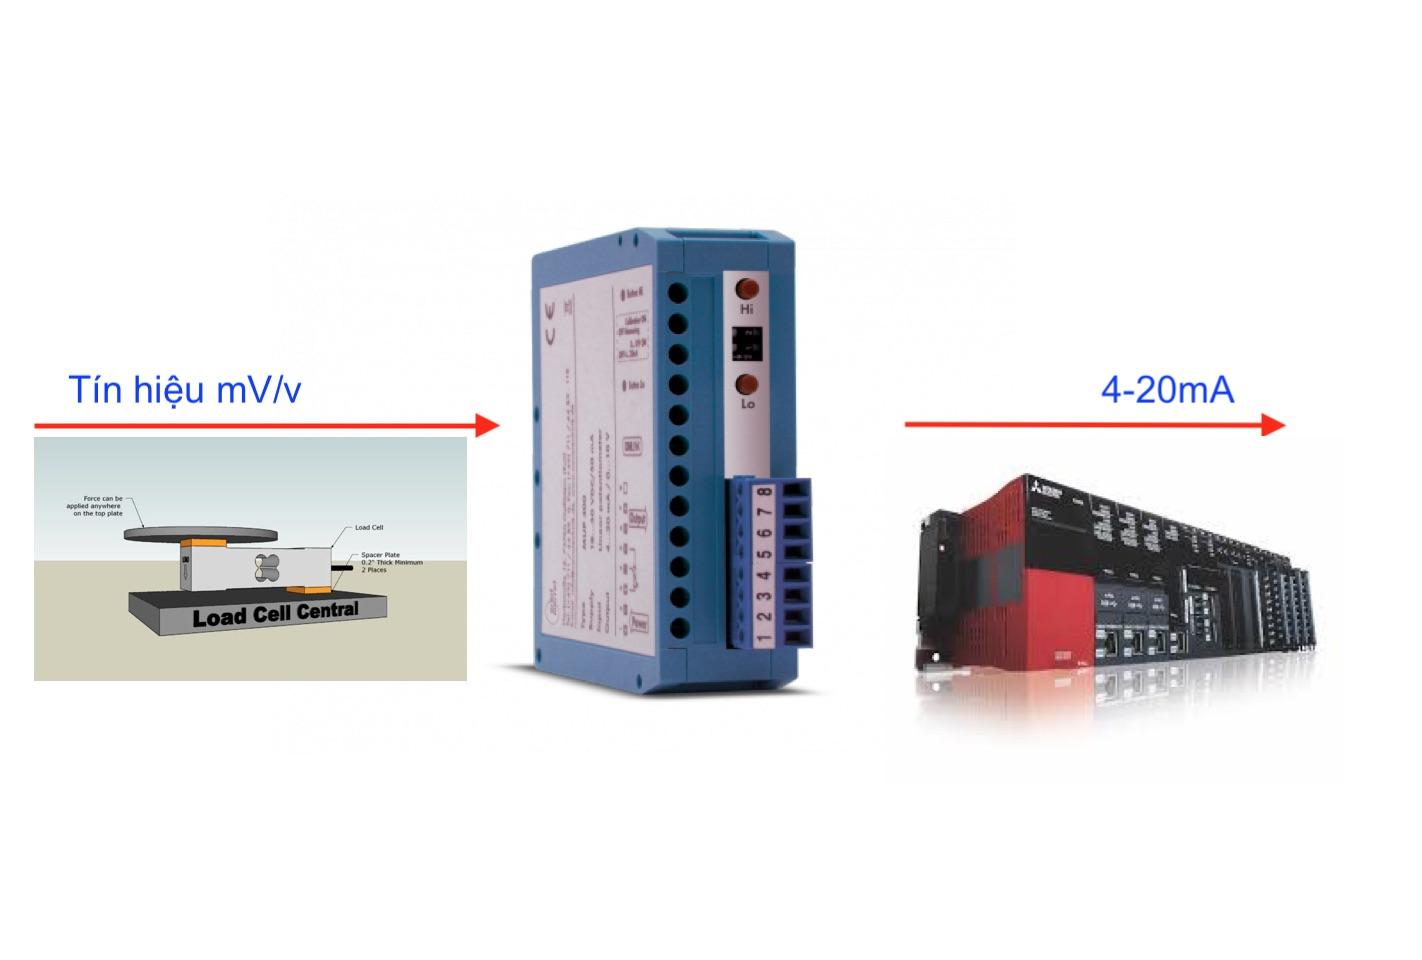 Bộ chuyển đổi Loadcell sang 4-20mA và Modbus RS485